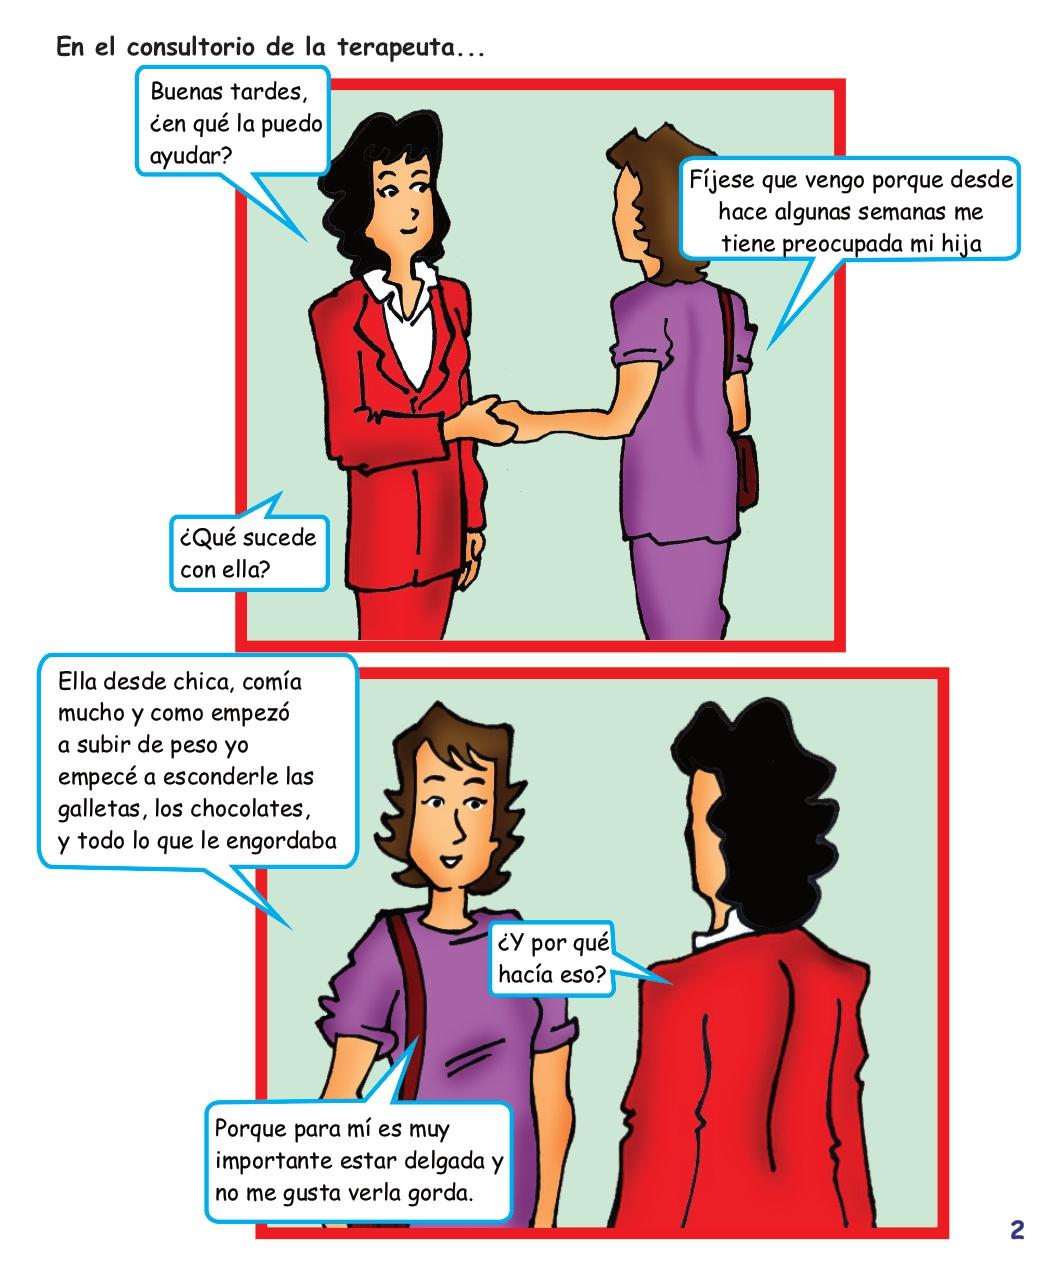 Psicología padres Reyhan cap1_1 digital_page-0005